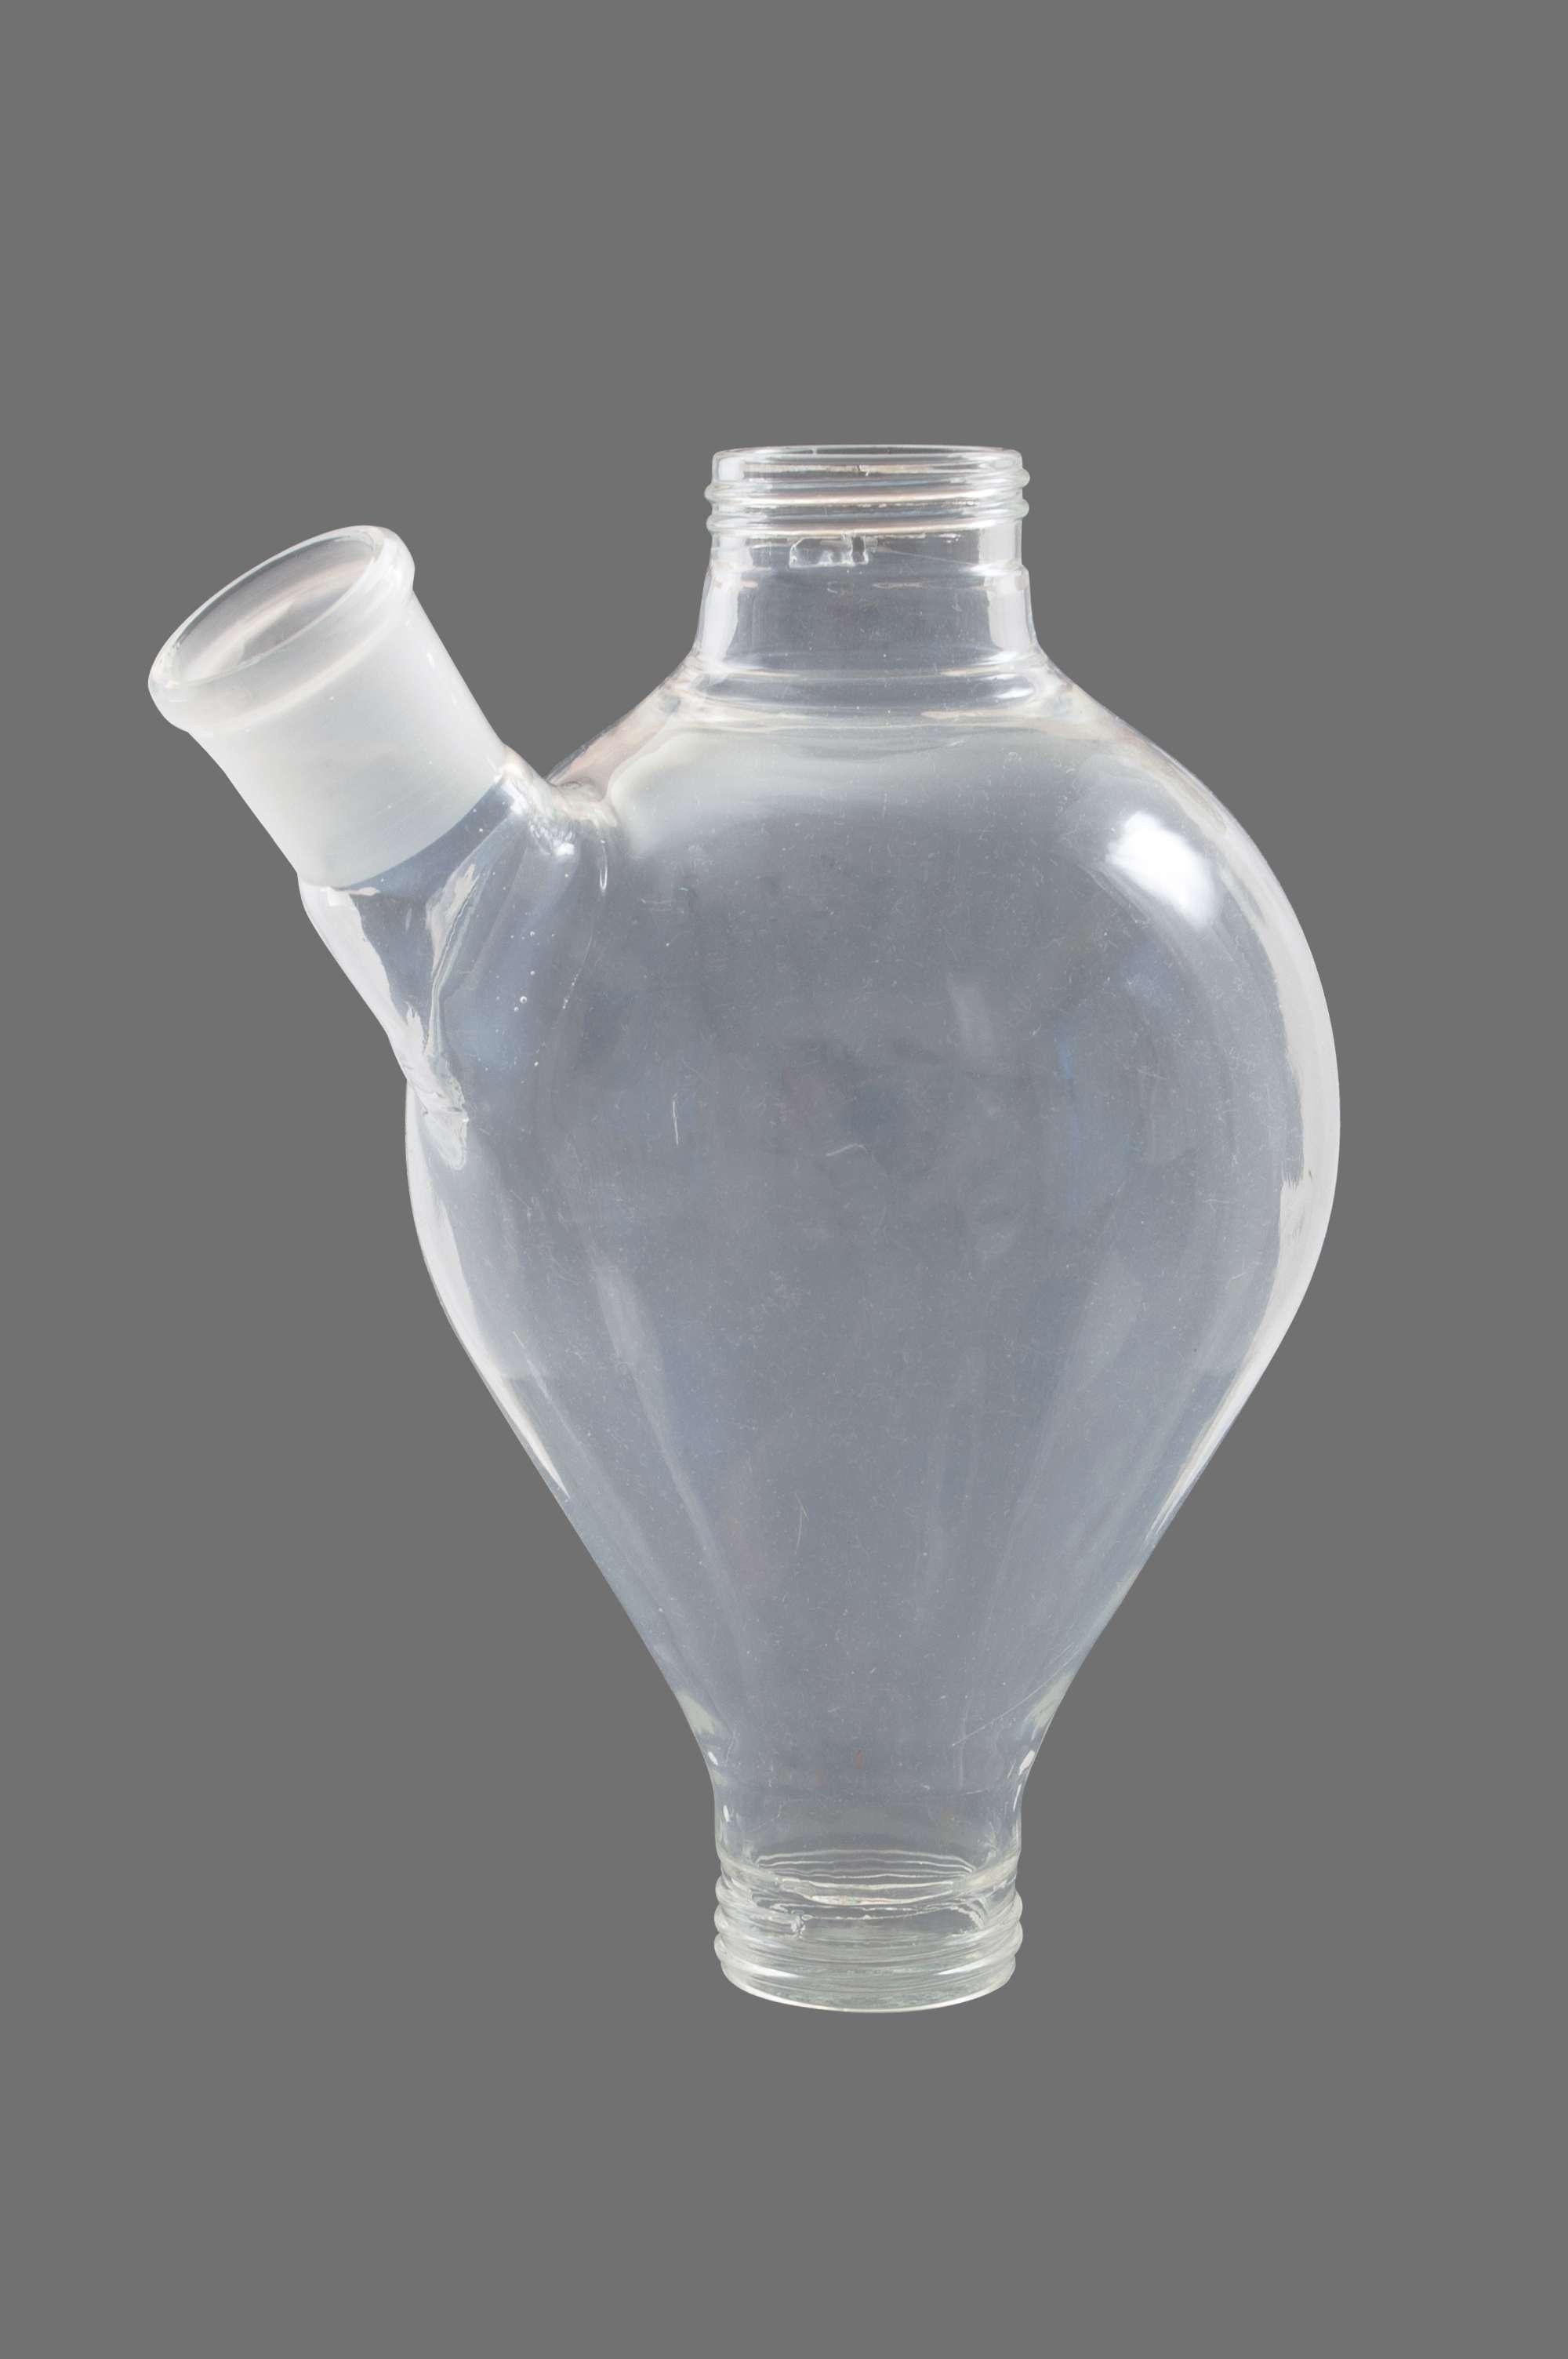 5811-s Silikonbeschichtetes Glasgefäss mit Seitenstutzen (ca. 1 l)